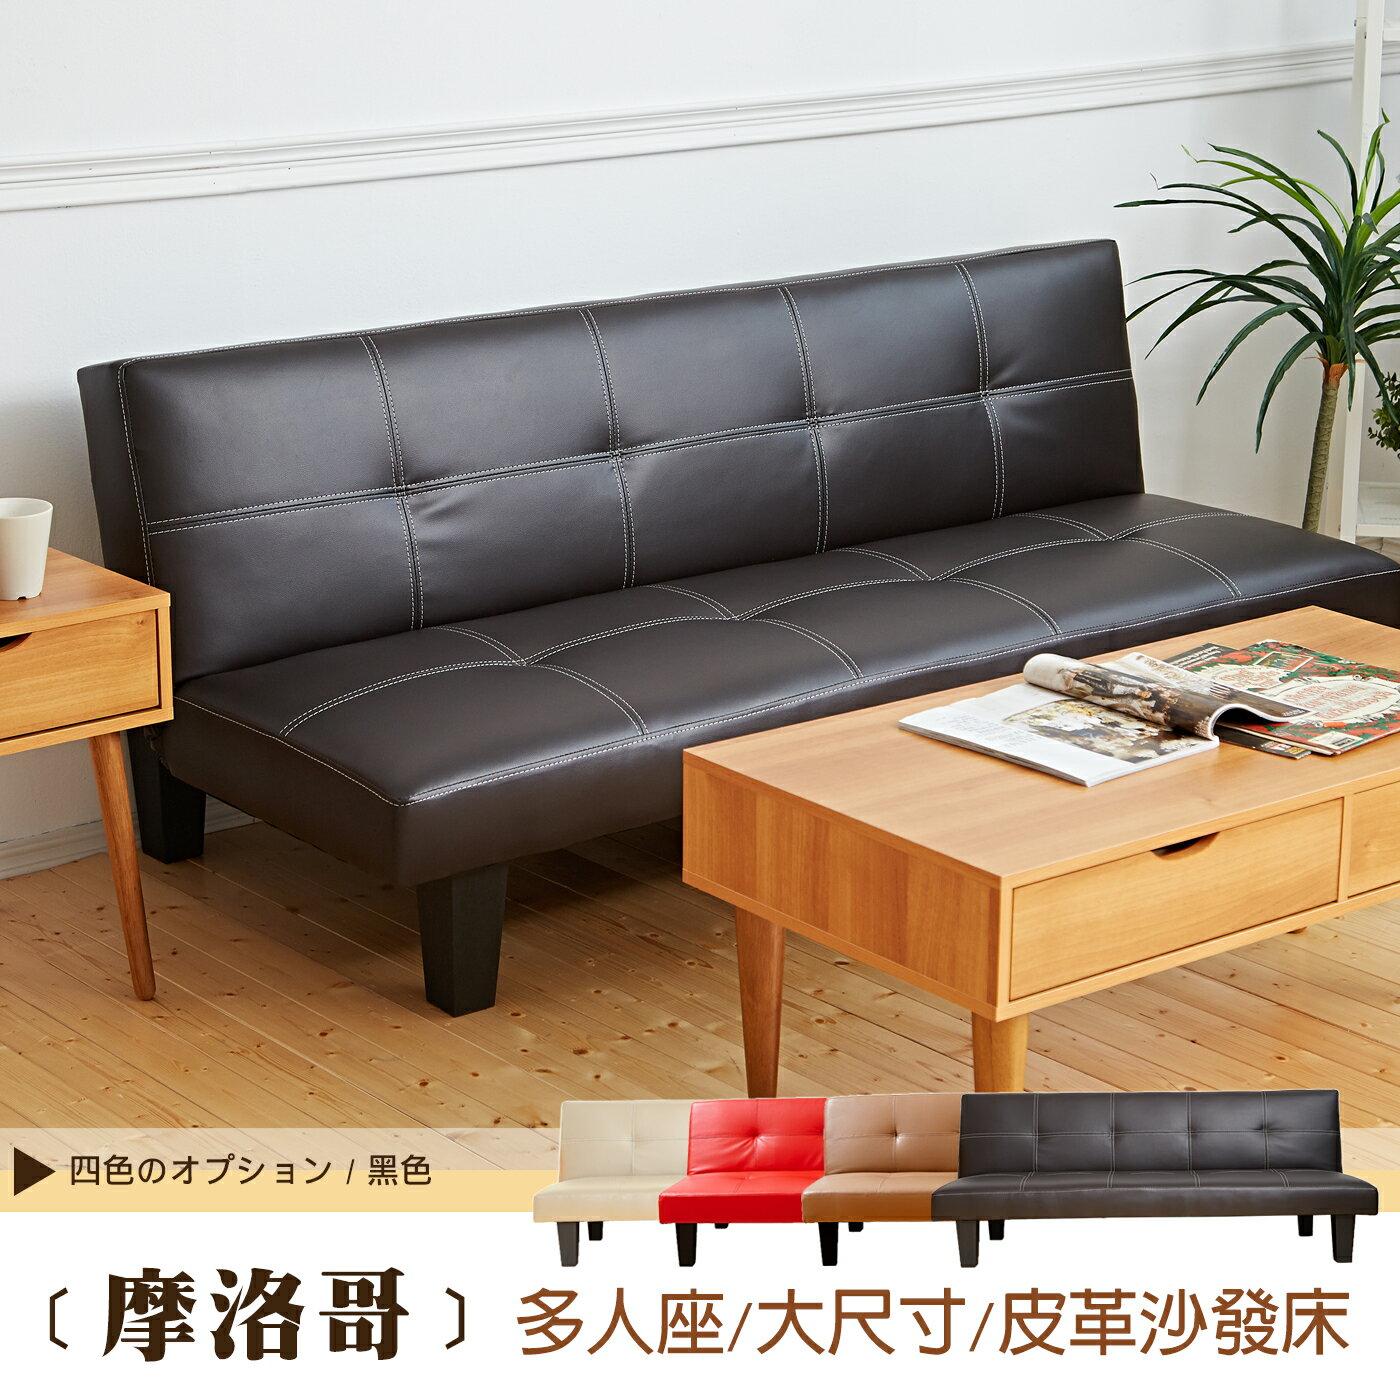 年度銷售NO.1【Mo Luoge 摩洛哥】皮革沙發床★班尼斯國際家具名床